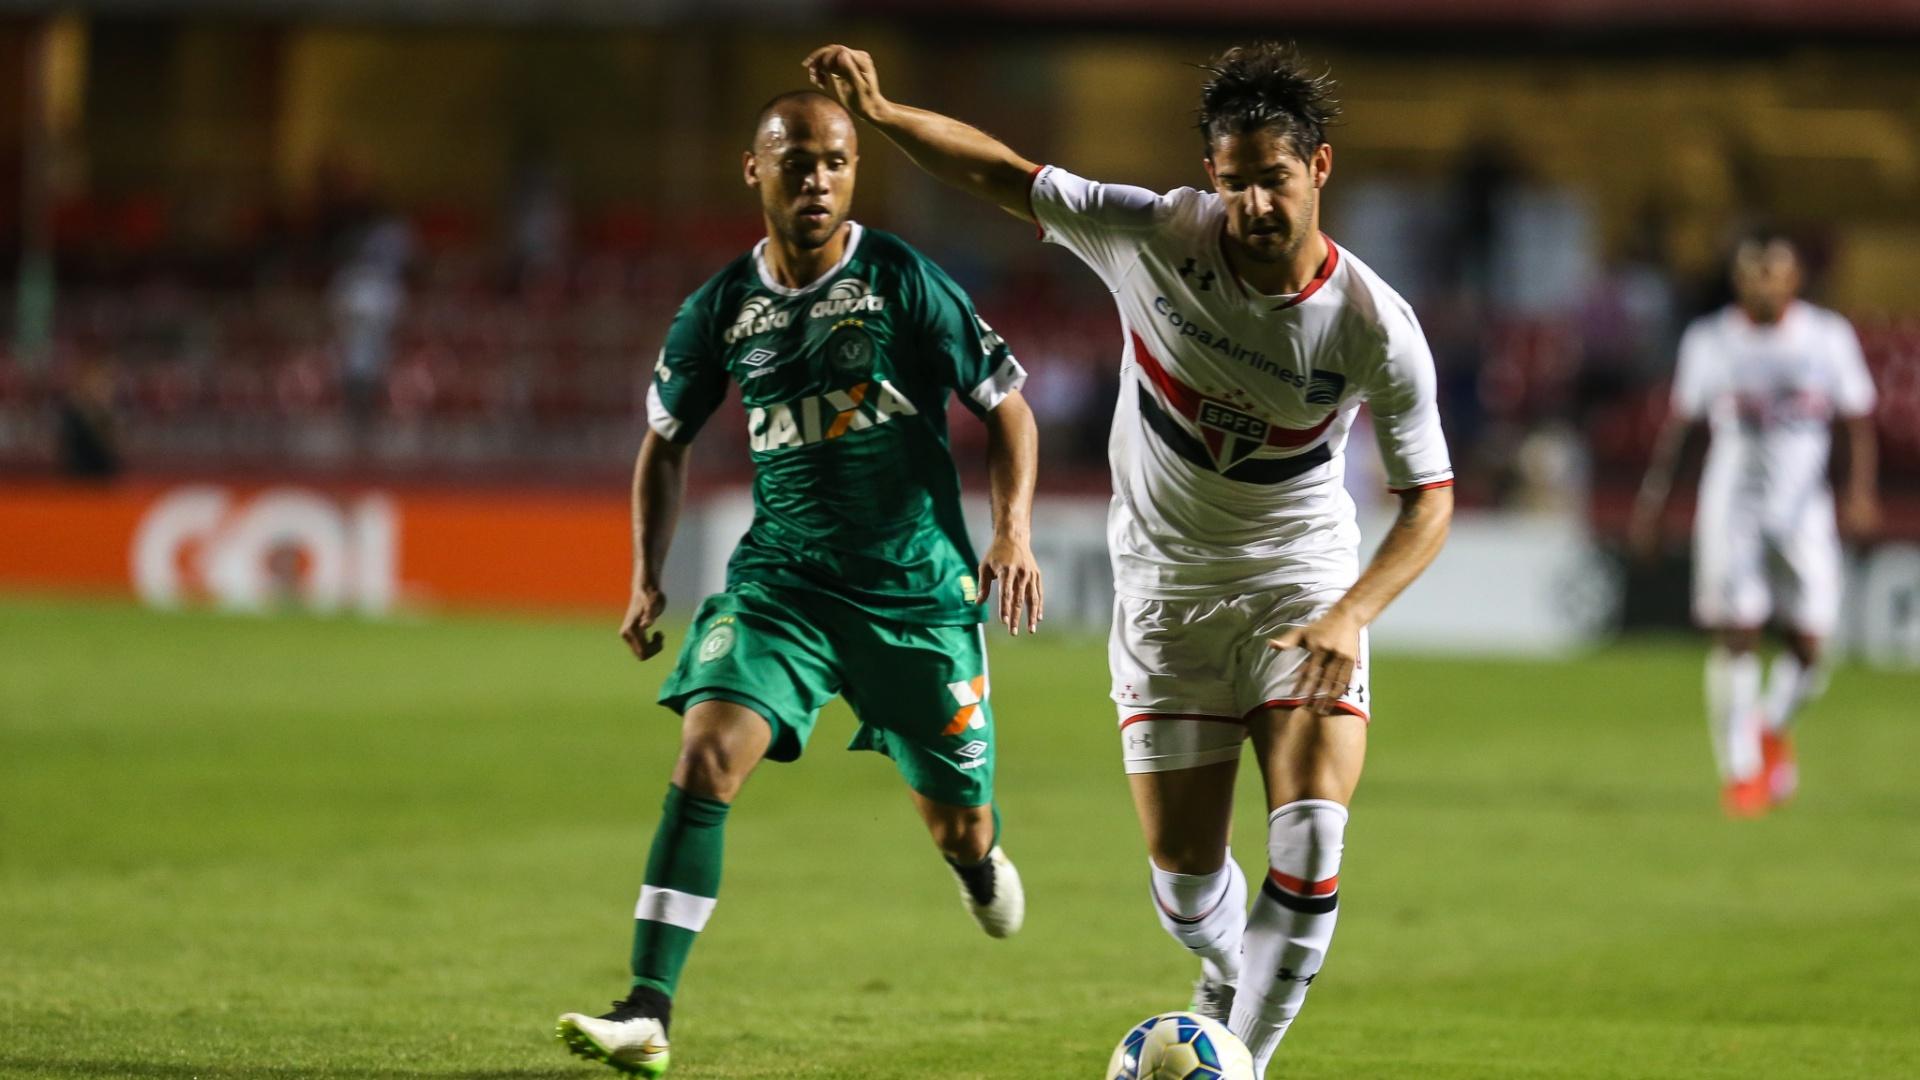 Alexandre Pato em ação durante a partida entre São Paulo e Chapecoense